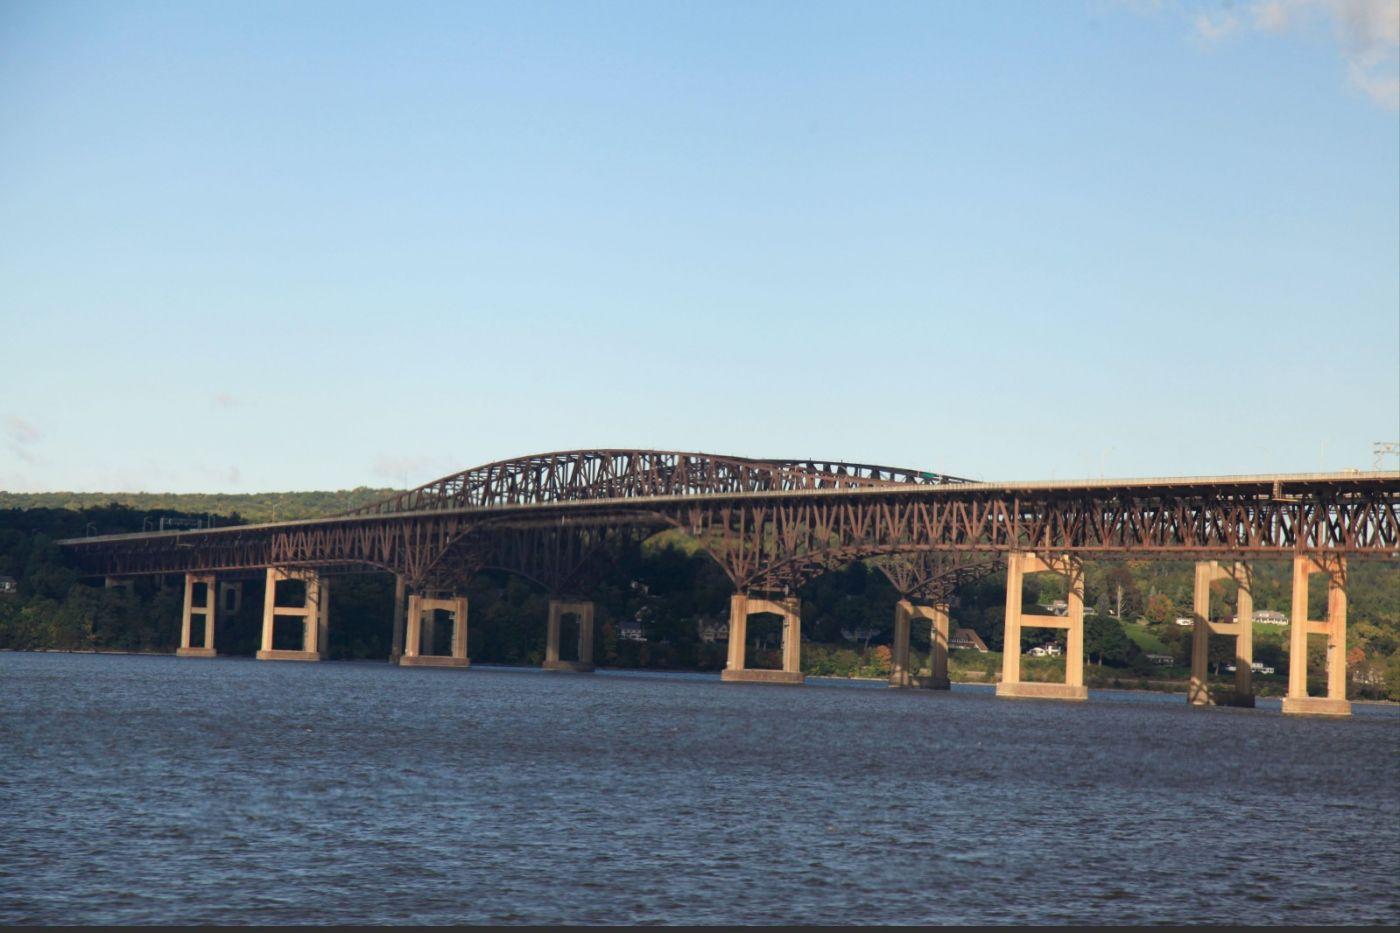 坐火车赴加拿大,沿途风景尽收眼底,赏心悦目!_图1-2